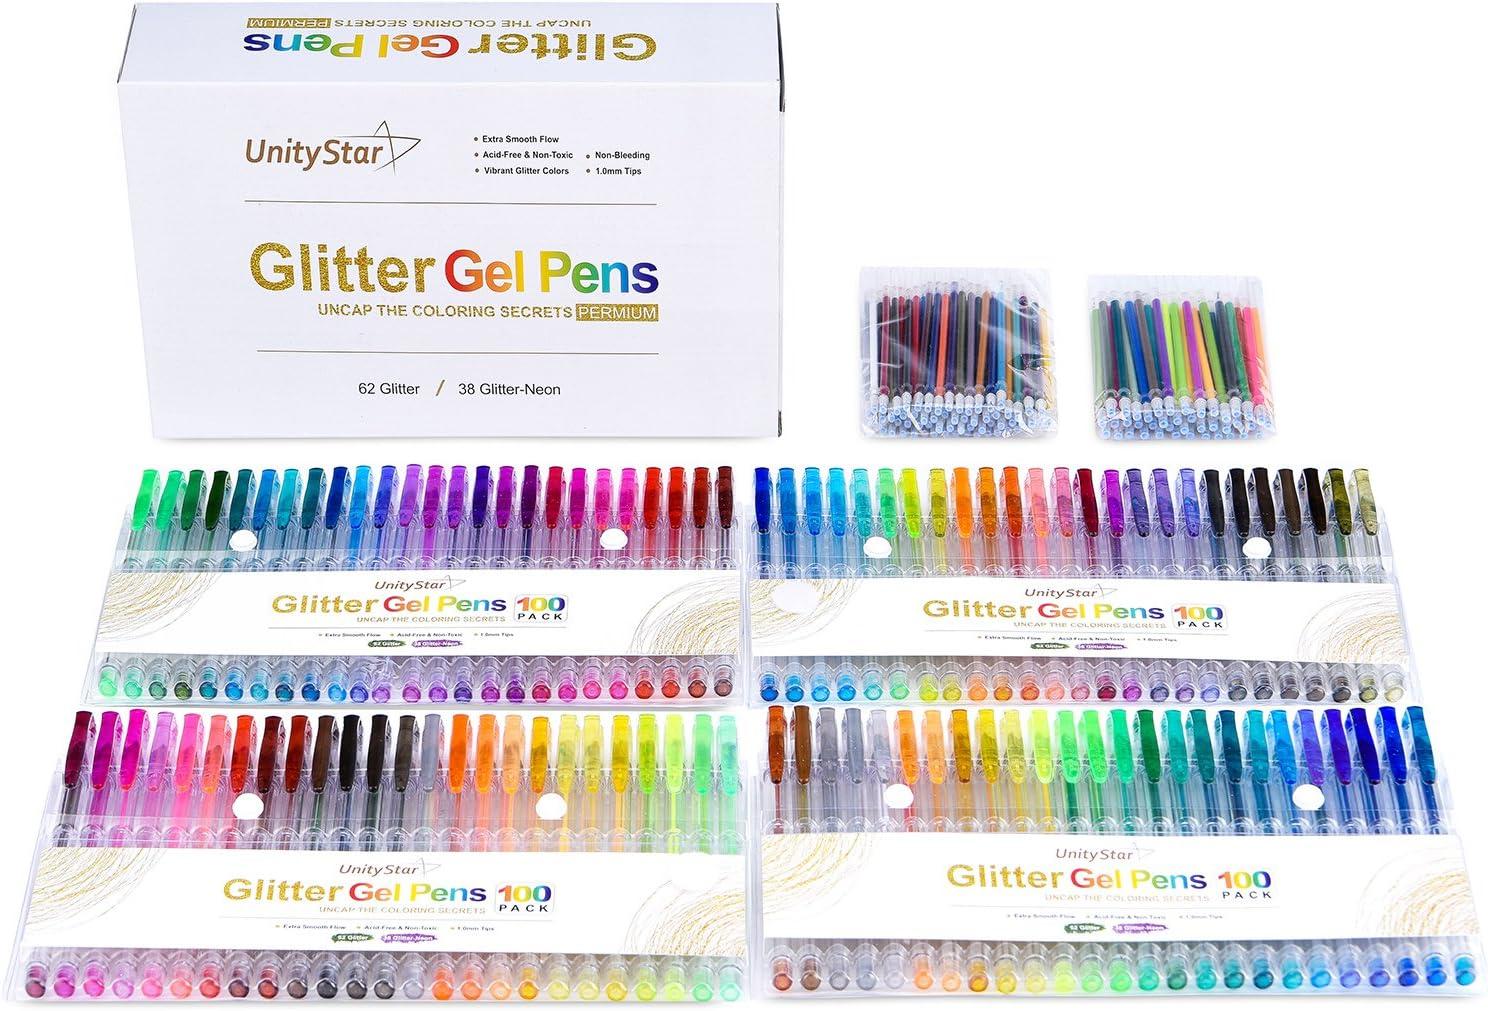 200 con purpurina bolígrafos de gel, unitystar Gel Pen Set con 100 brillante purpurina colores & 100 recambios de tinta para niños adultos para colorear libro Dibujo Doodling y relieve: Amazon.es: Oficina